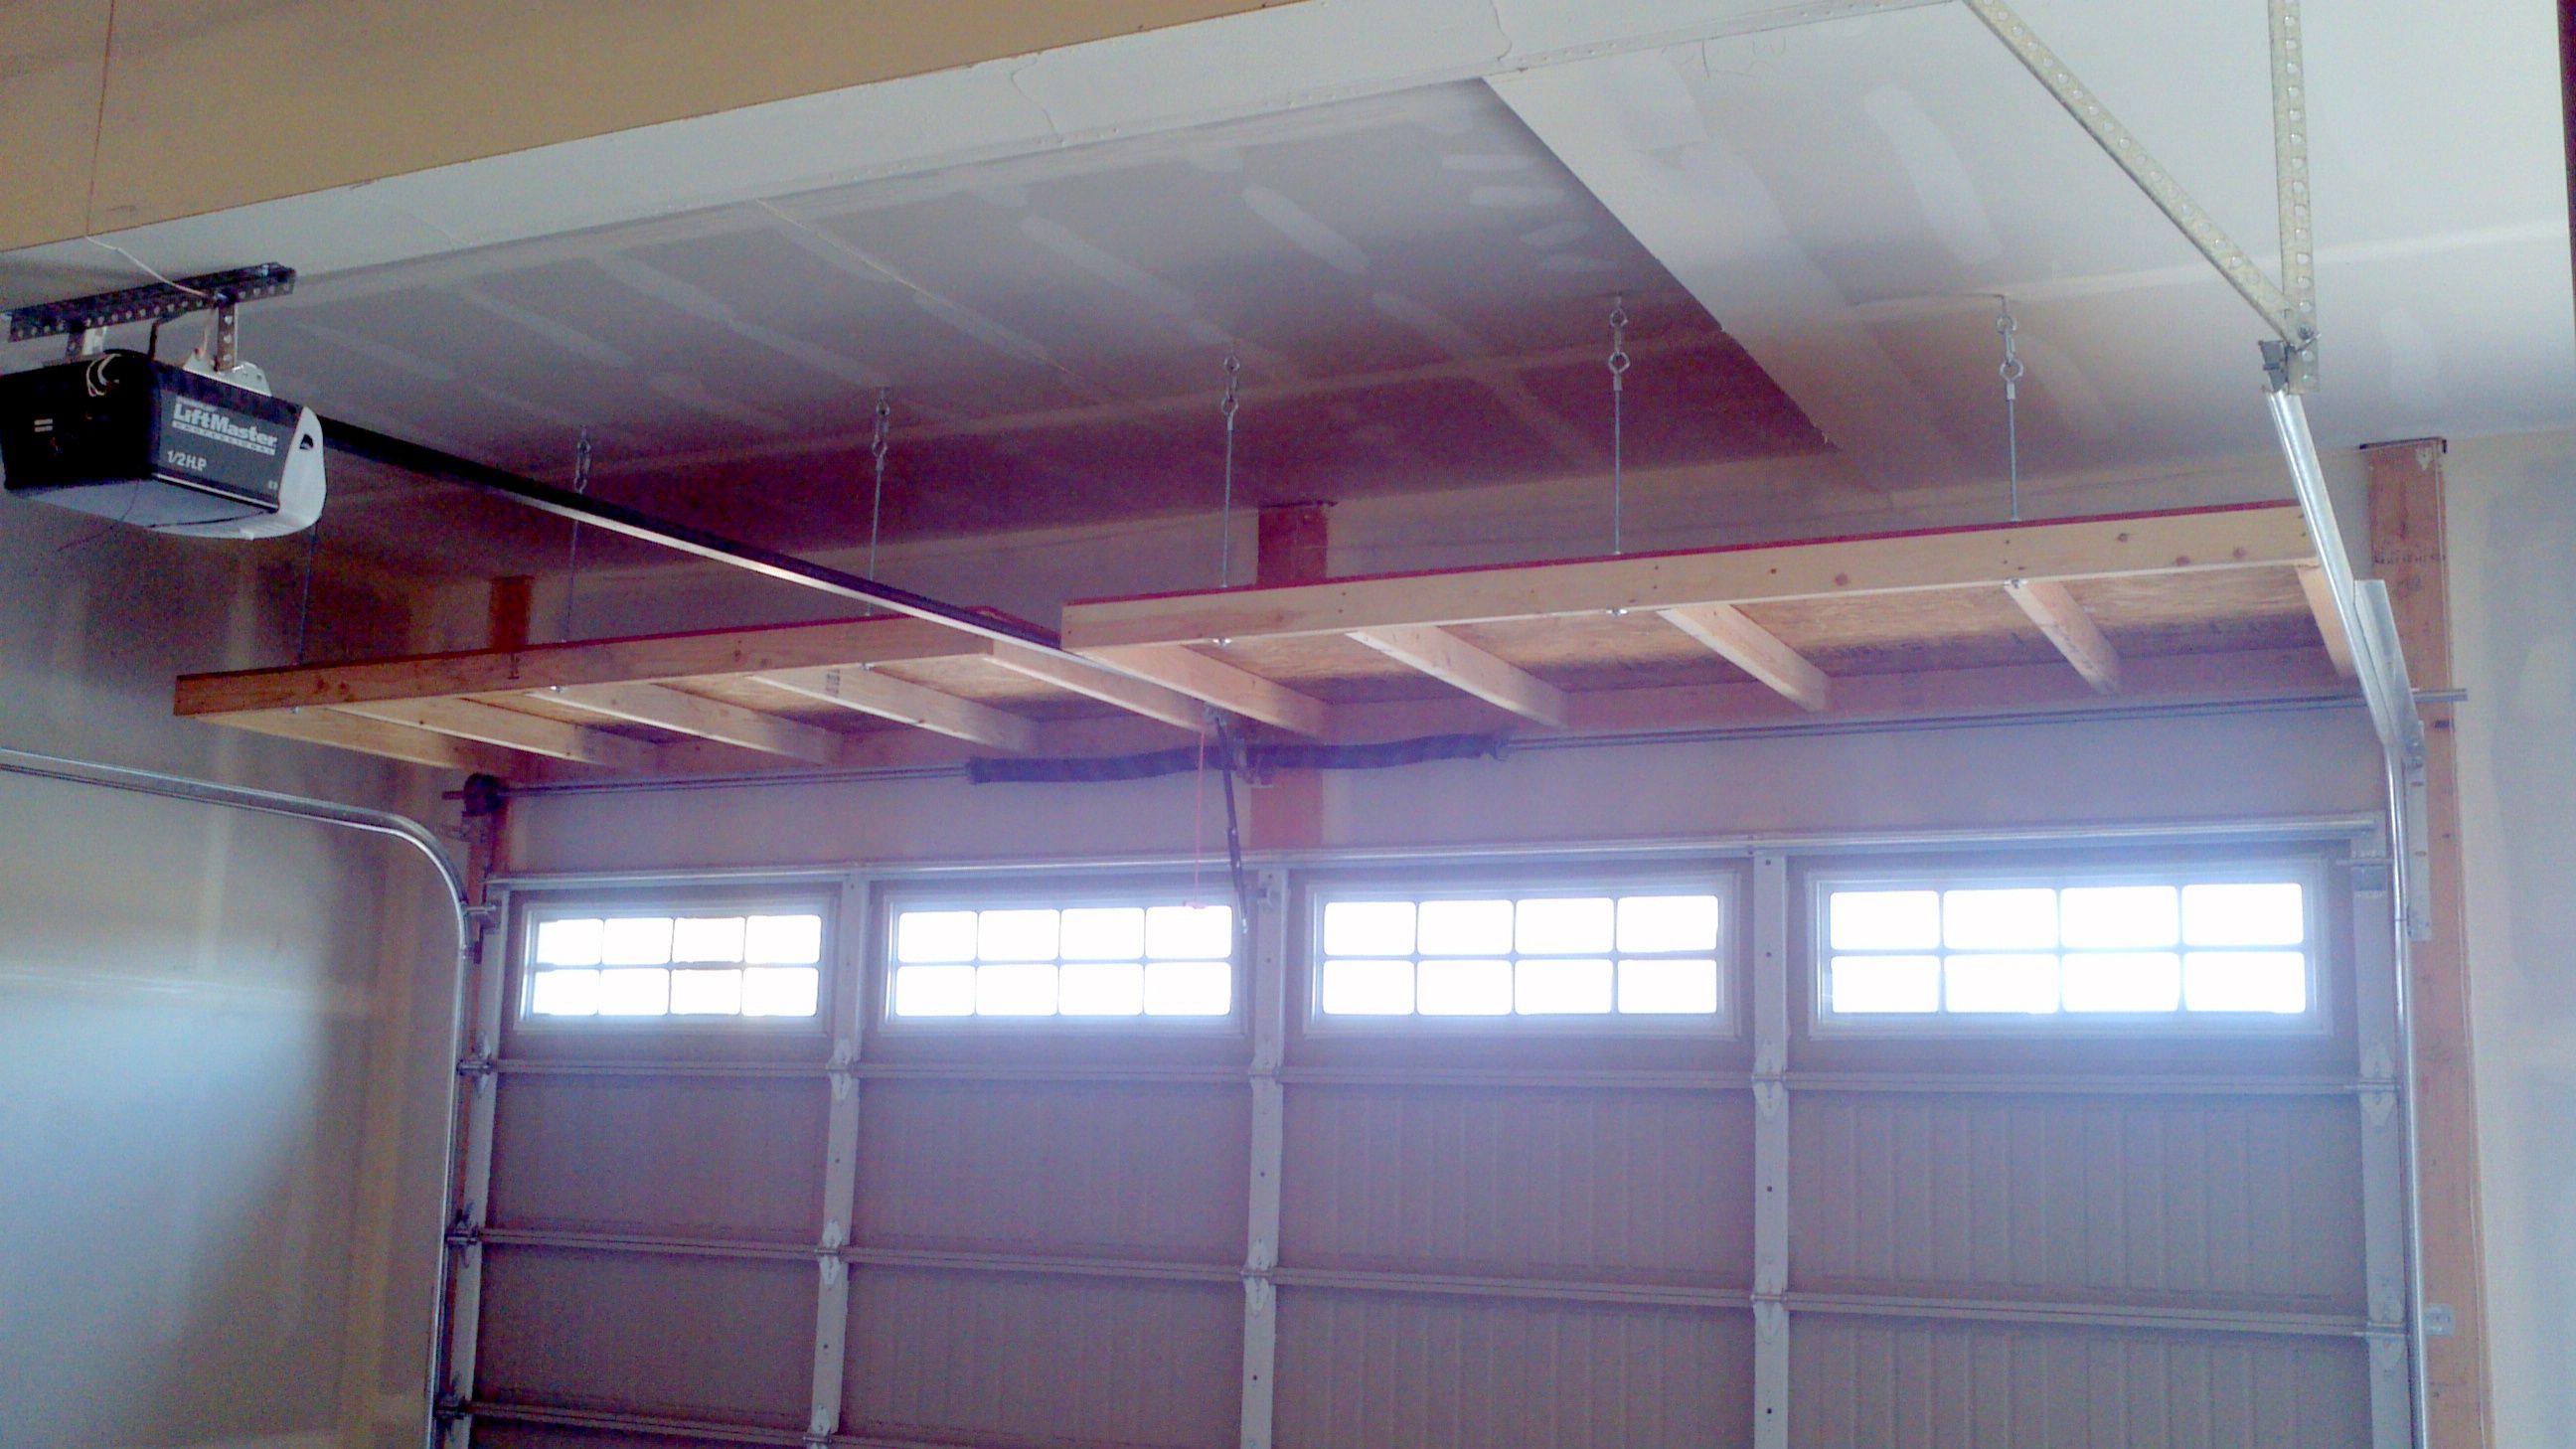 4 Ft Shelves Over Garage Door Diy Overhead Garage Storage